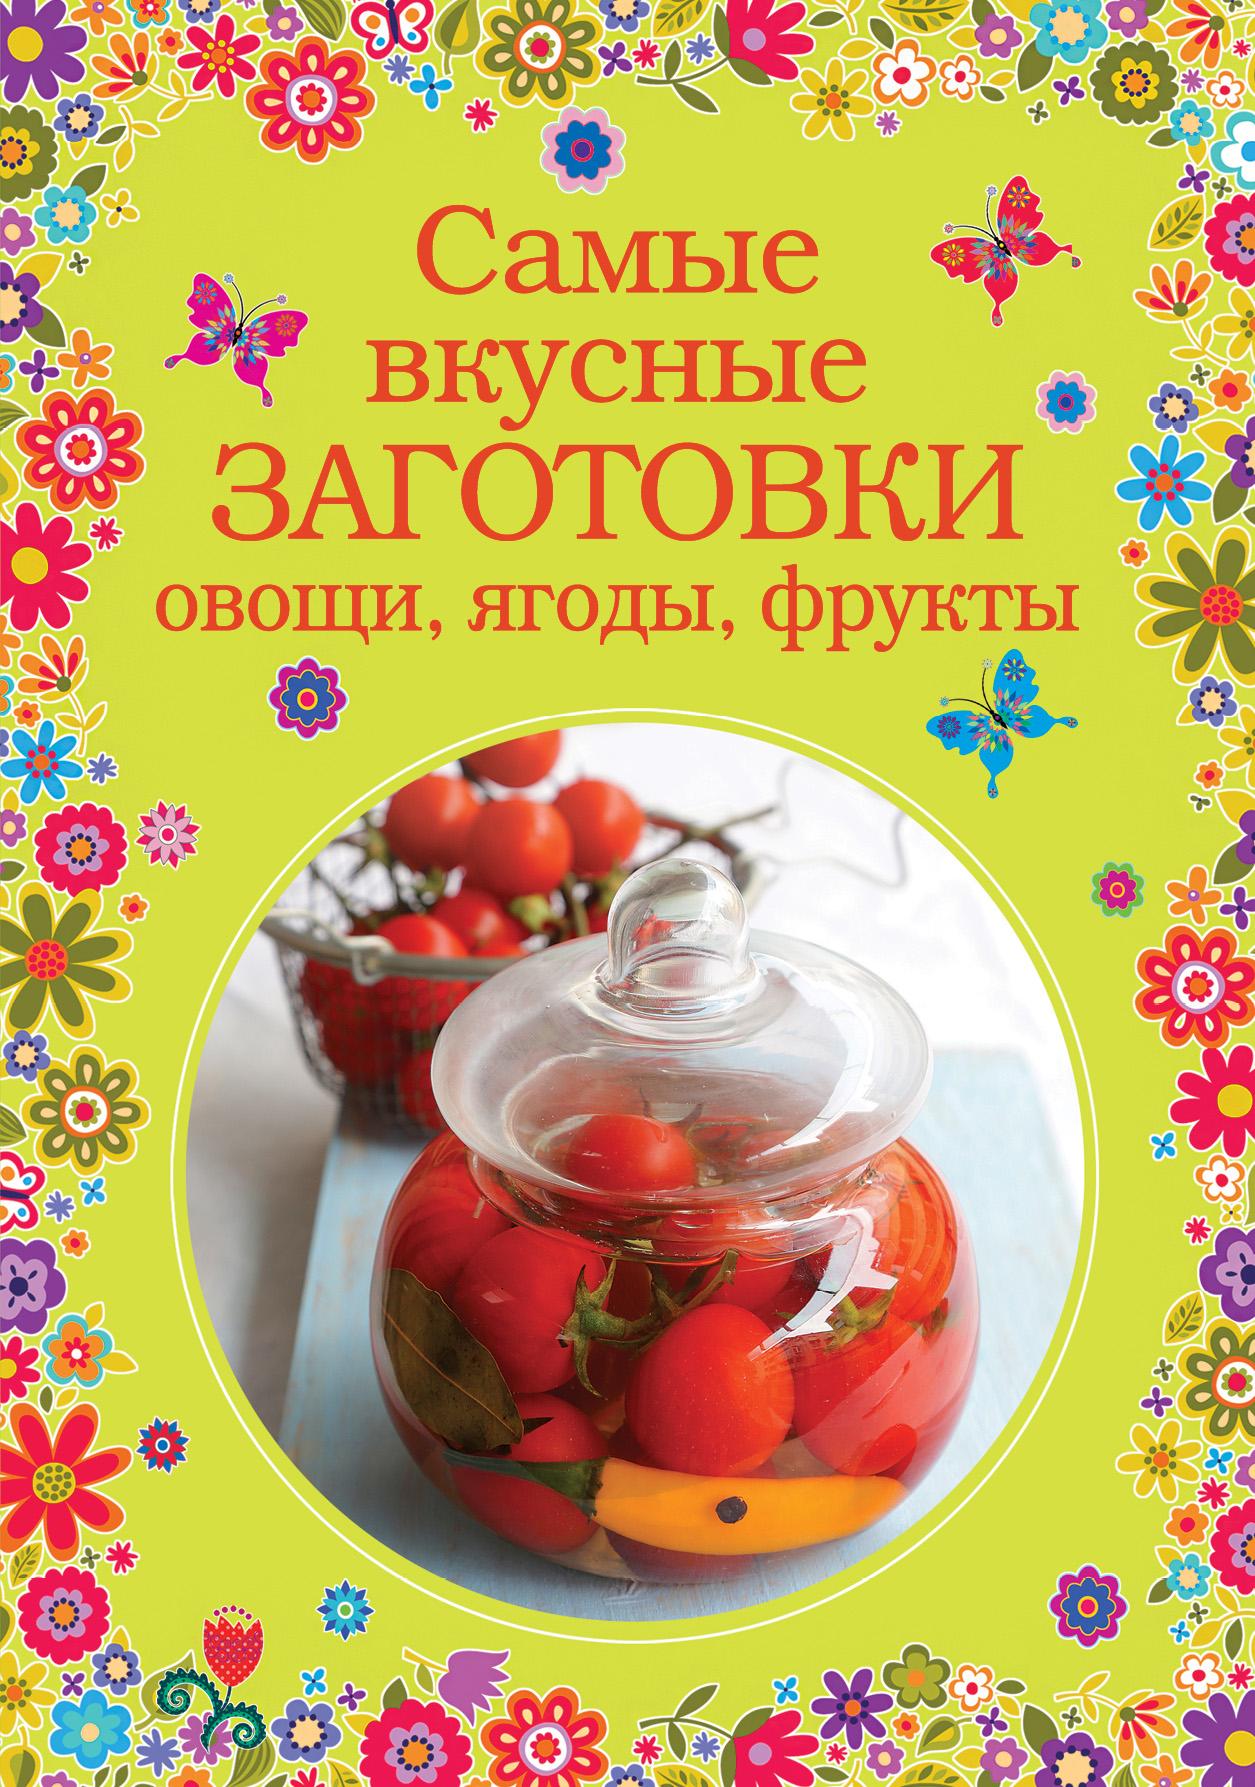 Самые вкусные заготовки. Овощи, ягоды, фрукты seiko настенные часы seiko qxa494bn z коллекция настенные часы